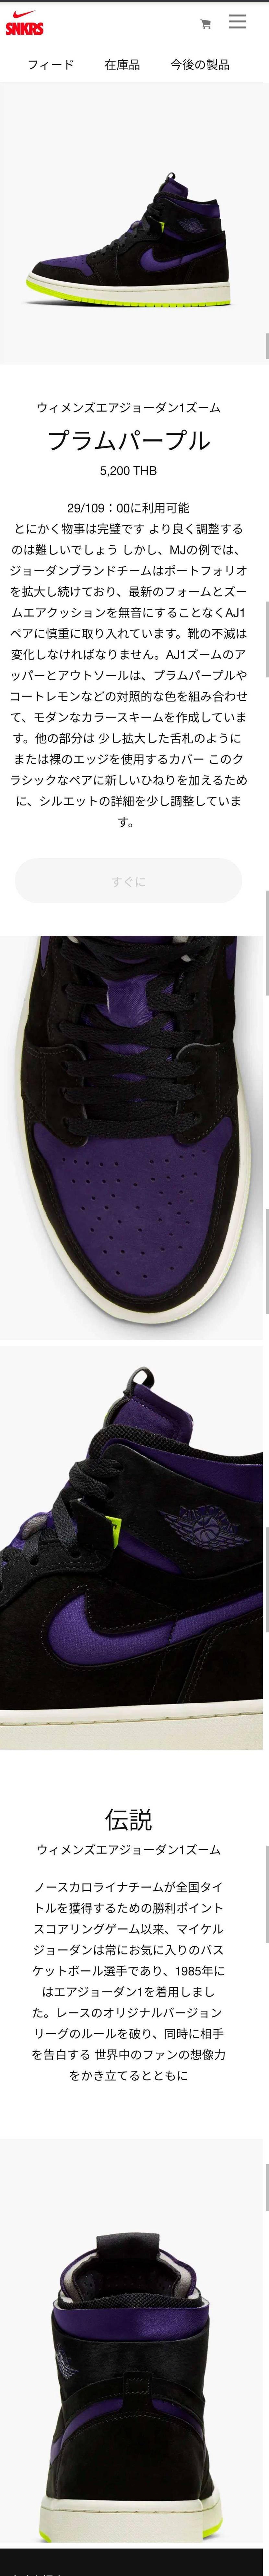 これ、同じモデルかな? タイでアナウンスされてるのはこれ! 29日発売。 靴底が